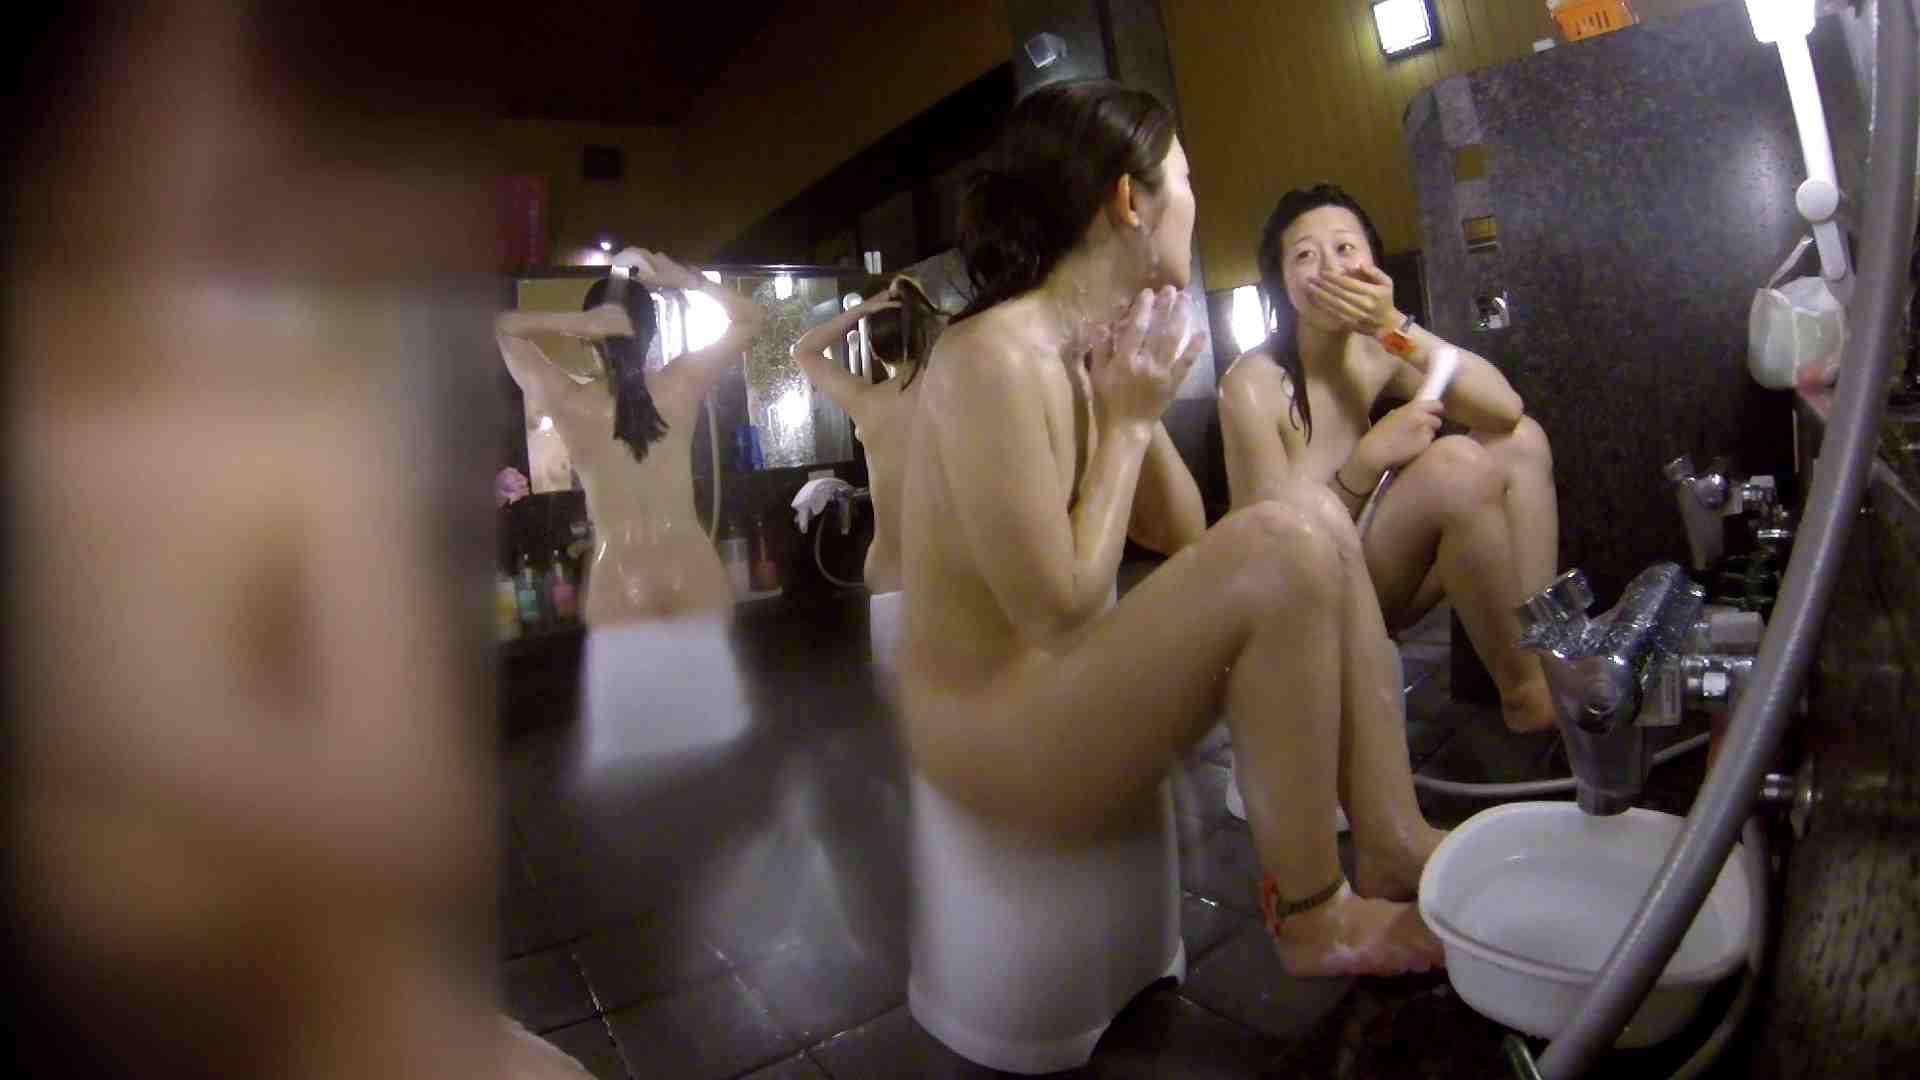 洗い場!地味目の女の子2人組。ずっと話しながら洗ってます。 友人・知人 | ギャル達  111枚 65